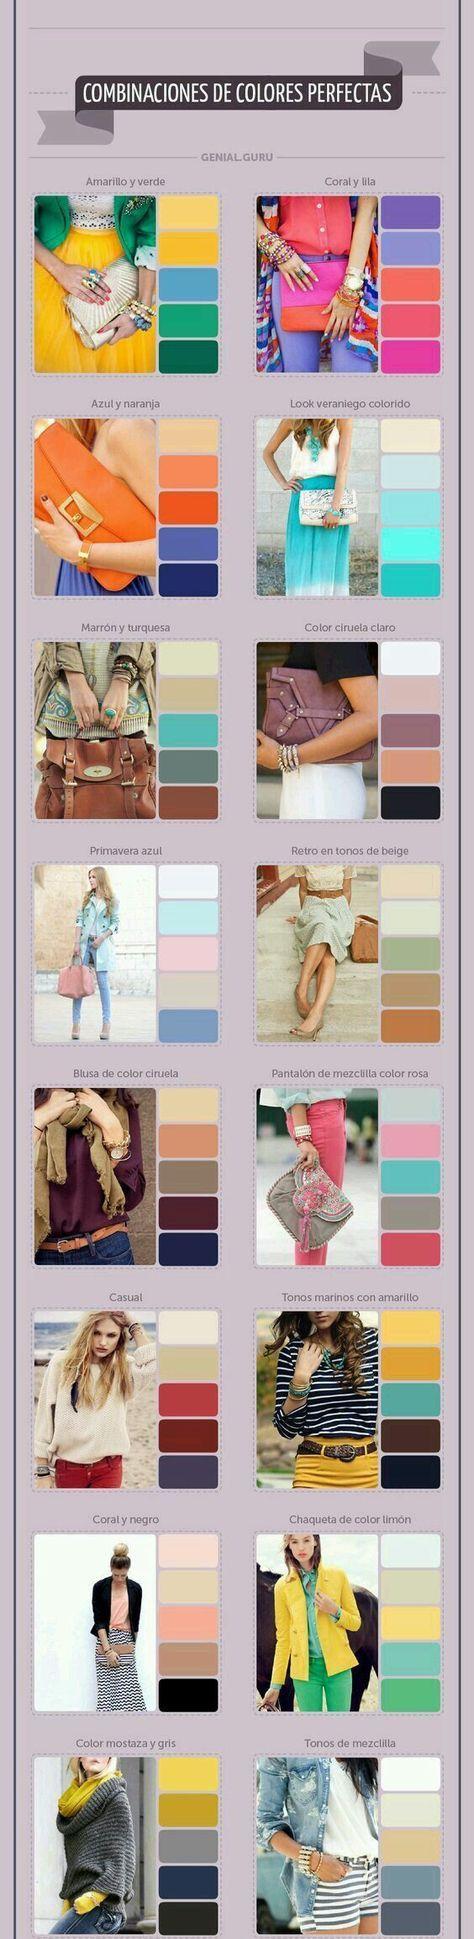 La guía más completa del estilo femenino is part of Colorful fashion - Genial guru juntó para ti 25 consejos prácticos para las mujeres que siempre quieren lucir perfectas